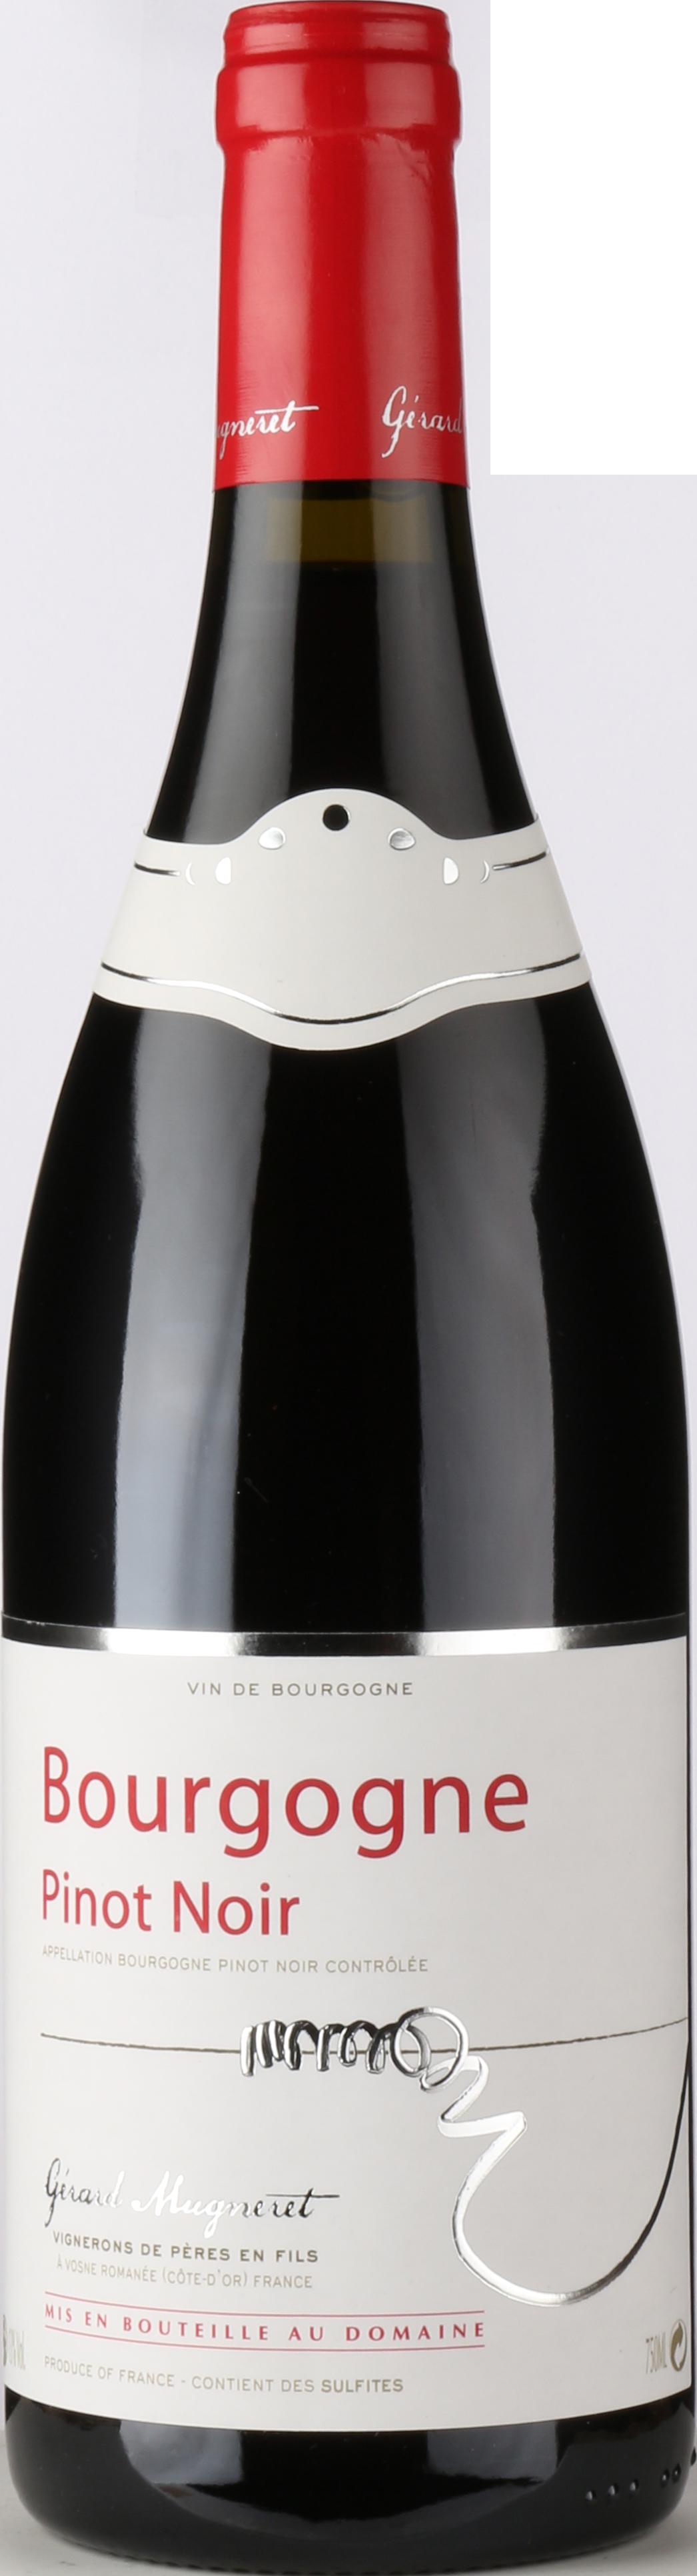 Vino rosso Bourgogne Pinot Noir